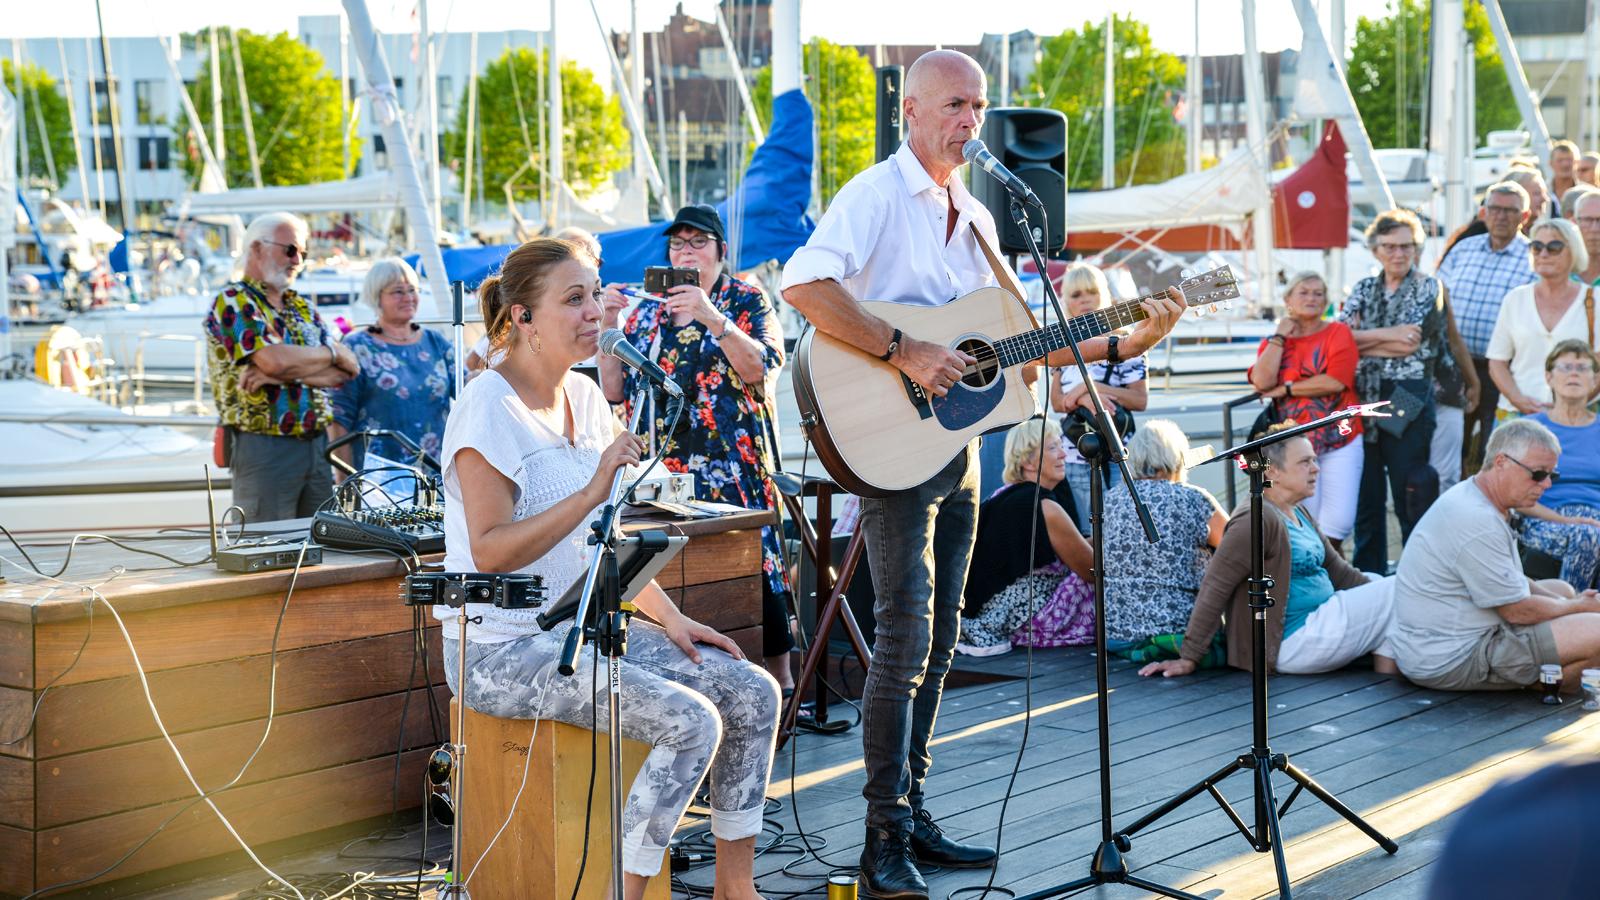 800_5942 Elsborg-Maribo på bølgen